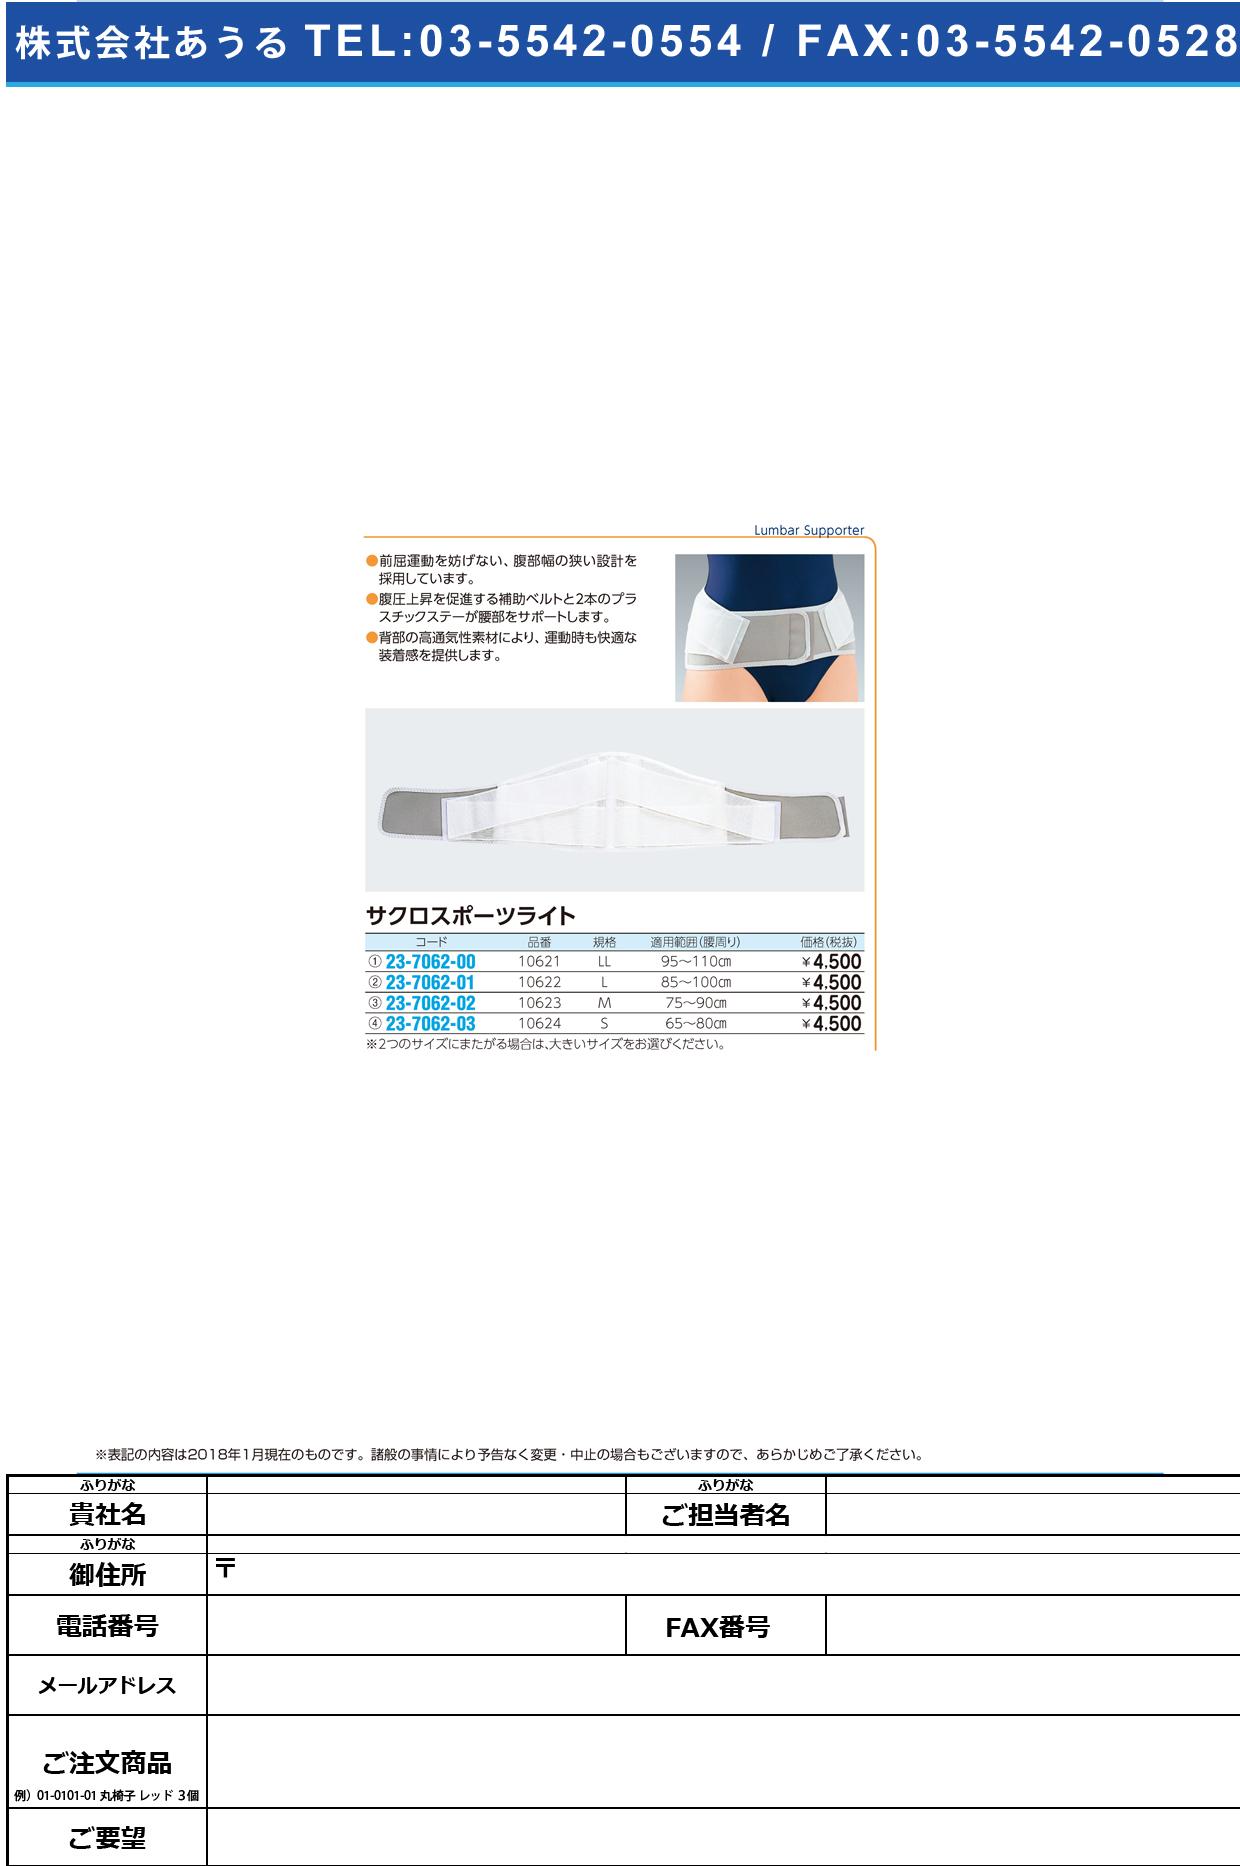 (23-7062-02)サクロスポーツライト(M) 10623(1コイリ) サクロスポーツライト(M)(アルケア)【1箱単位】【2018年カタログ商品】